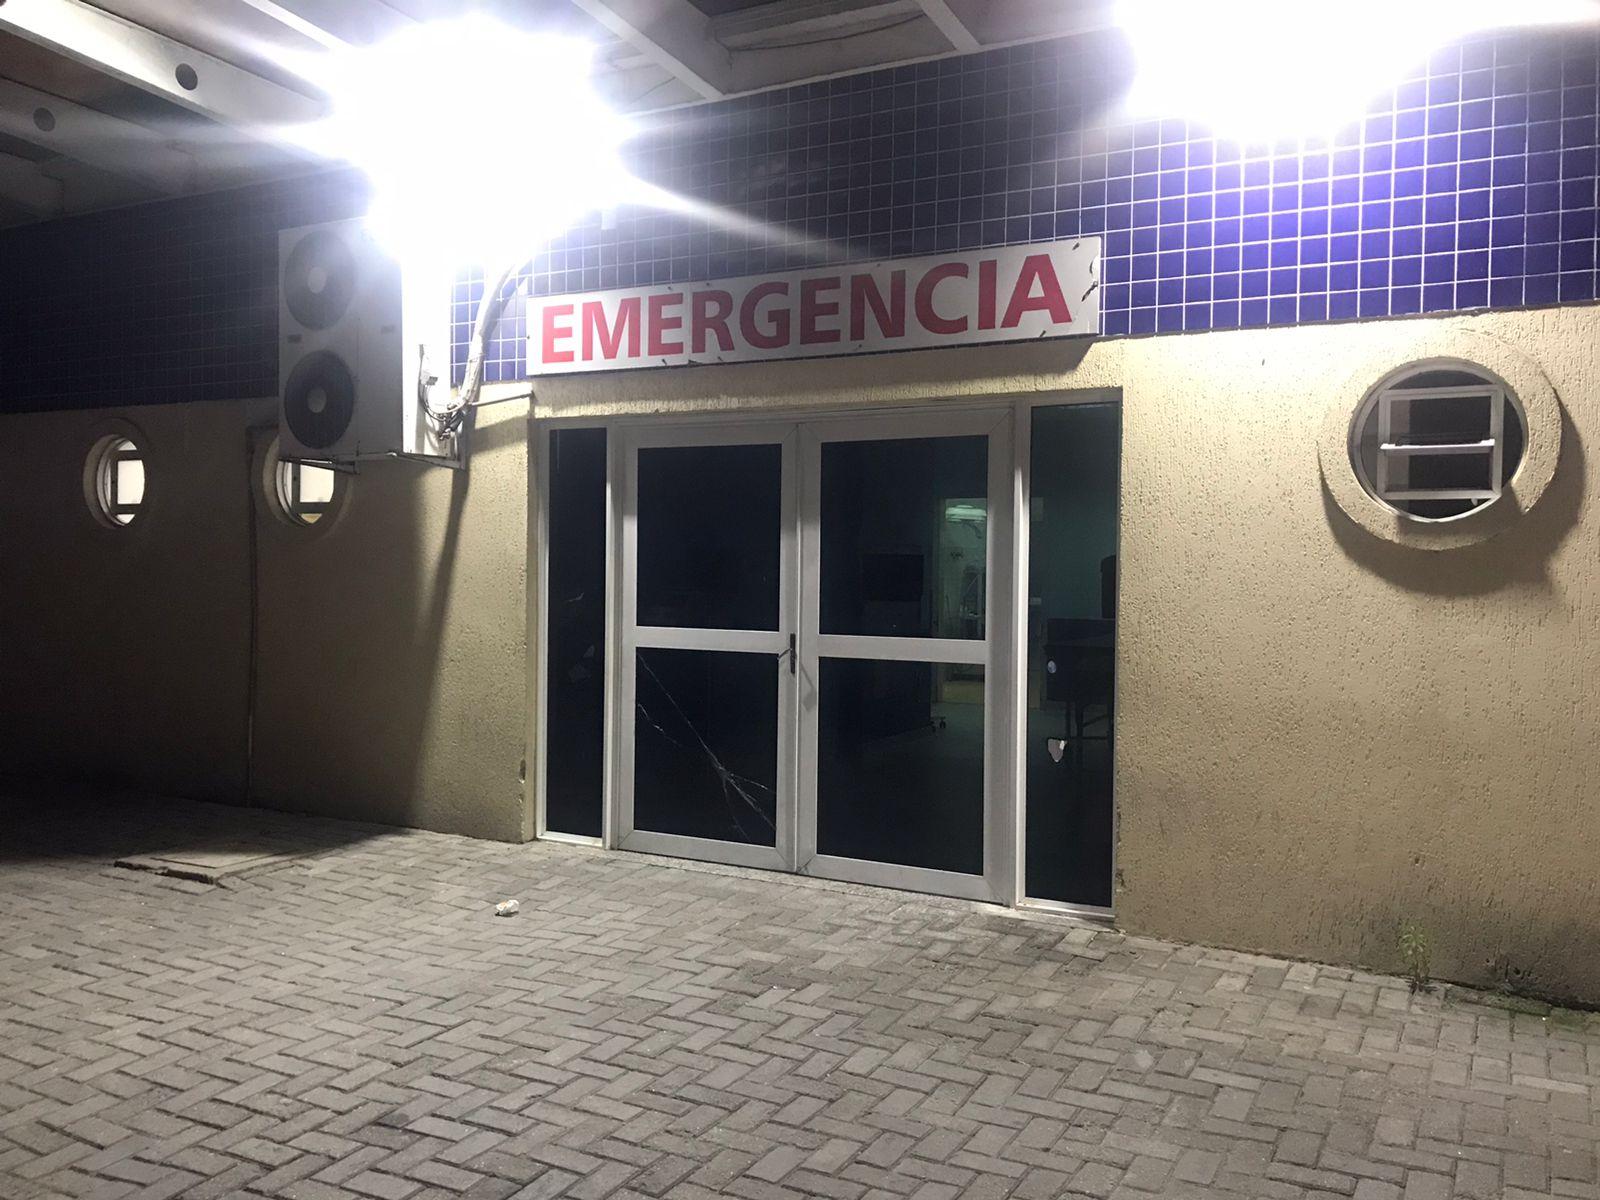 Tentativa de homicídio: jovem é baleado e esfaqueado no Jardim Iguaçu, em Paranaguá